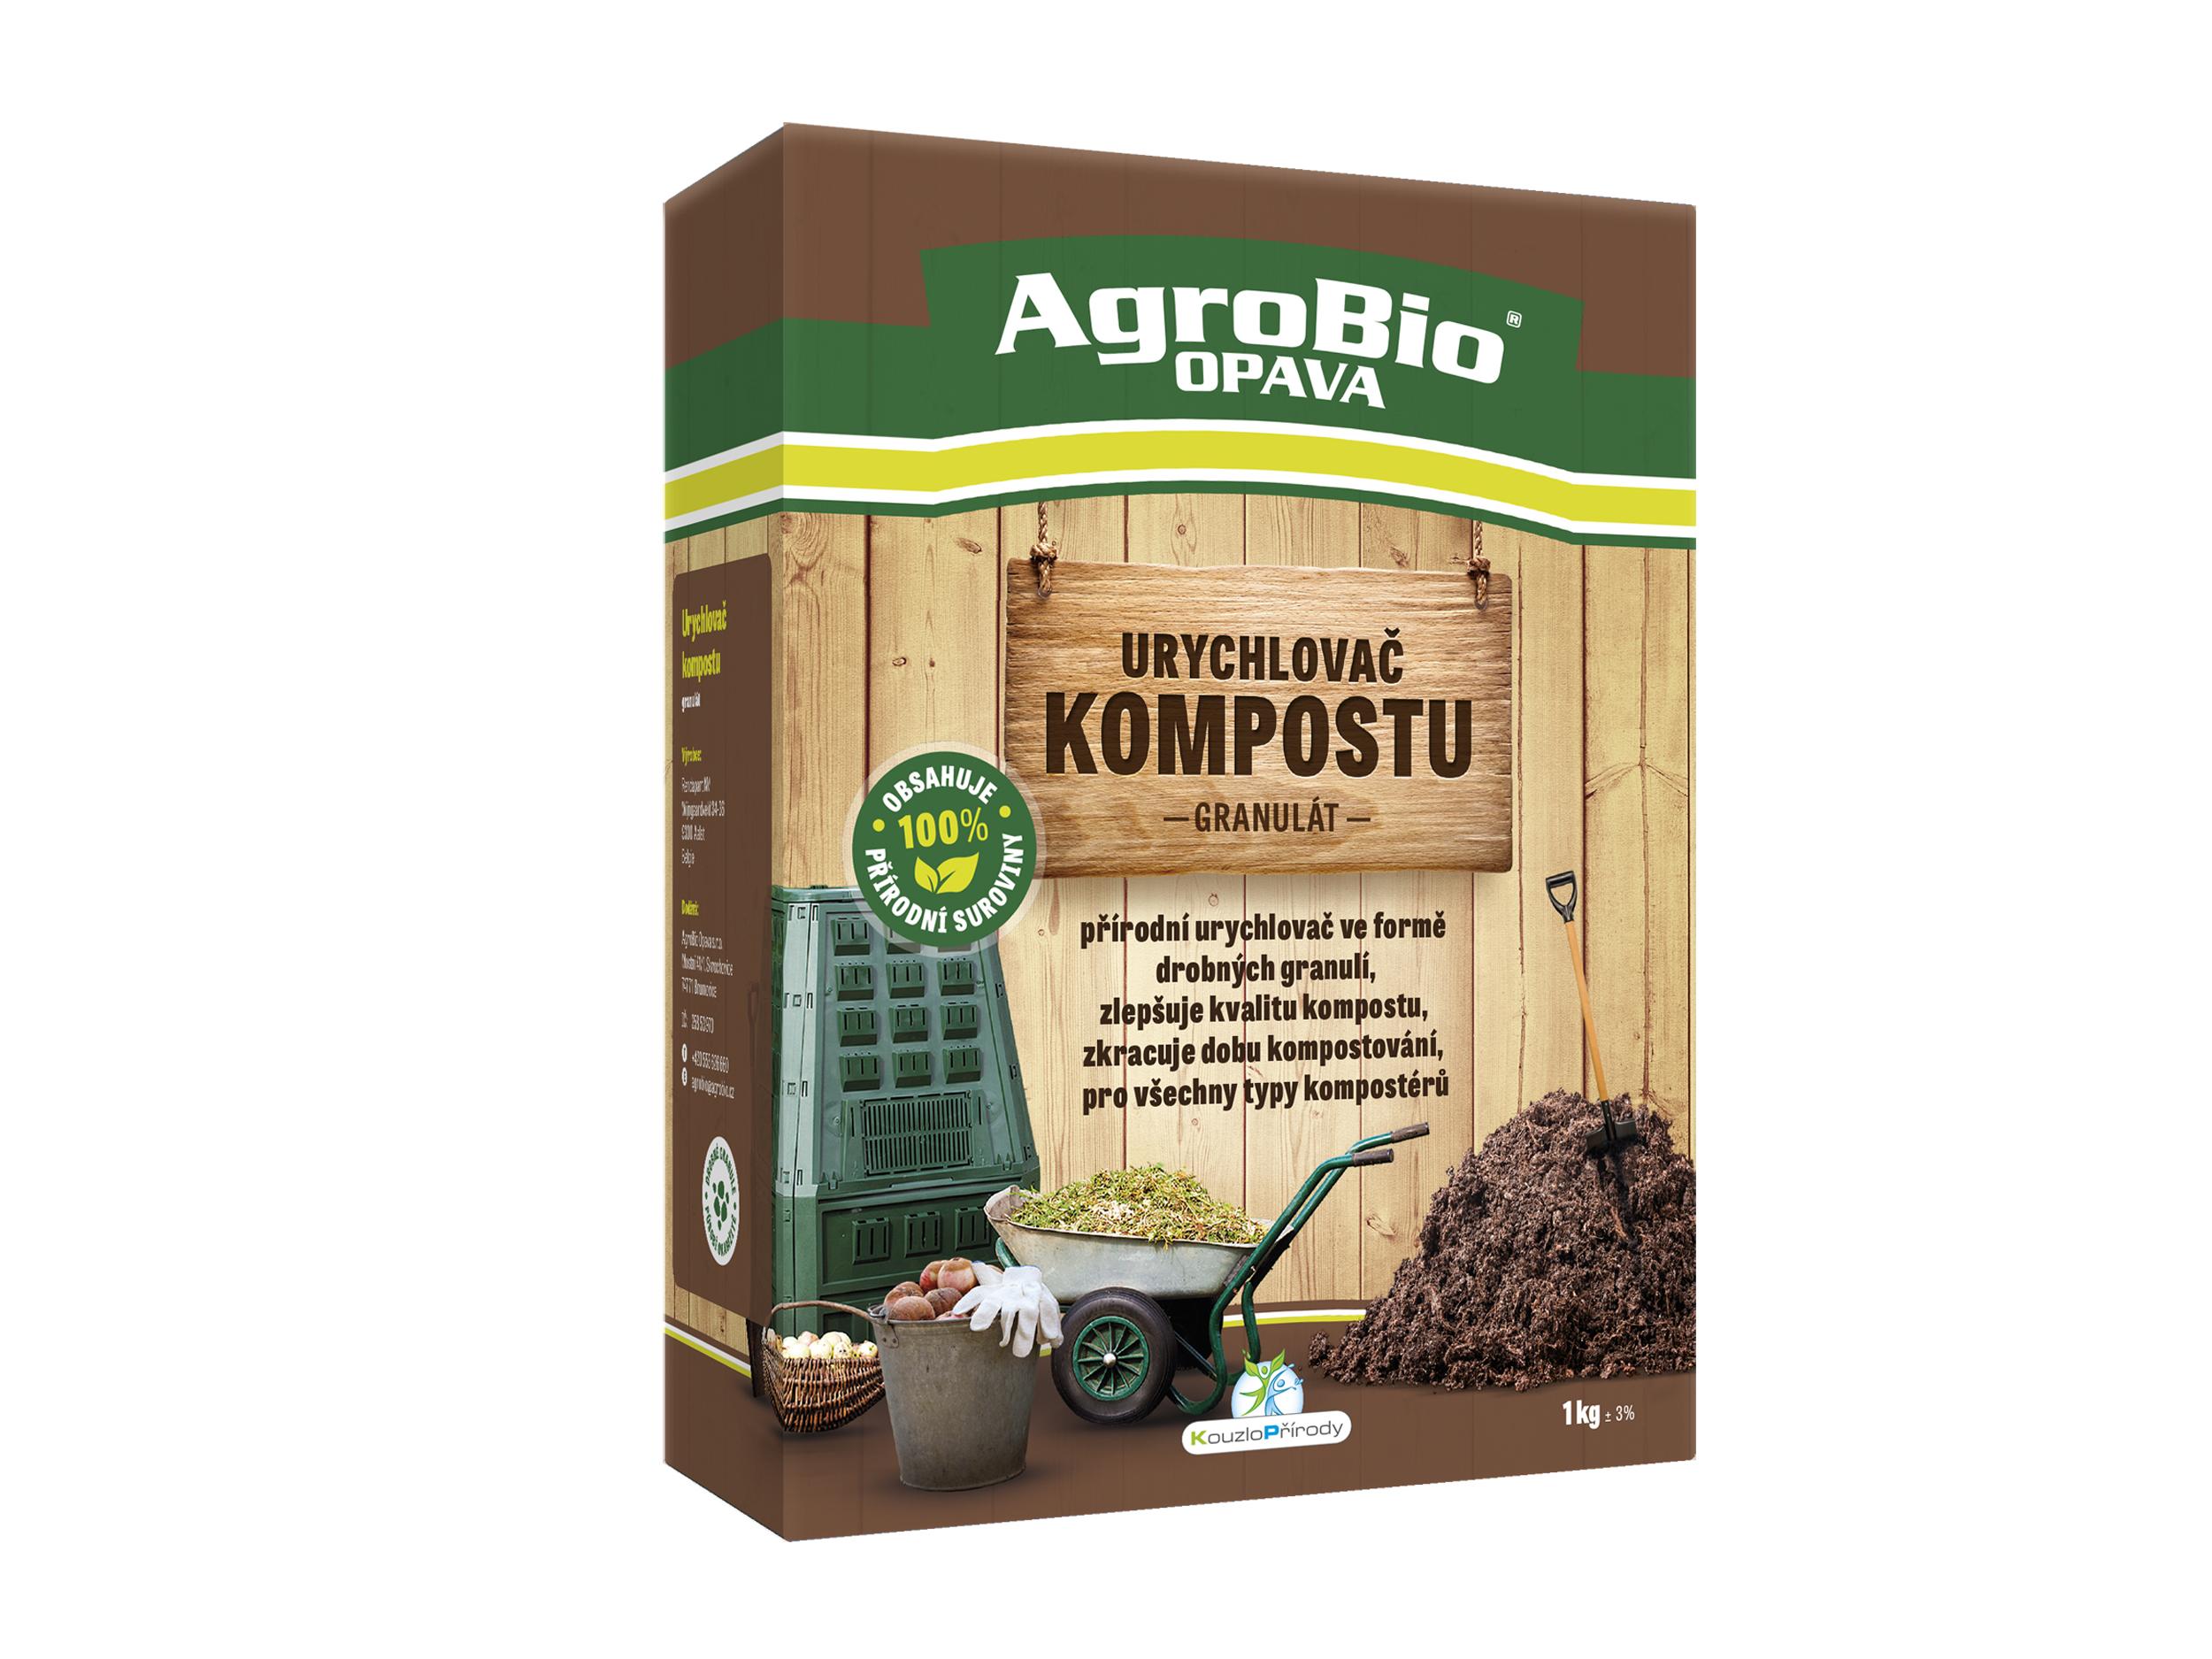 Urychlovač kompostu granulát